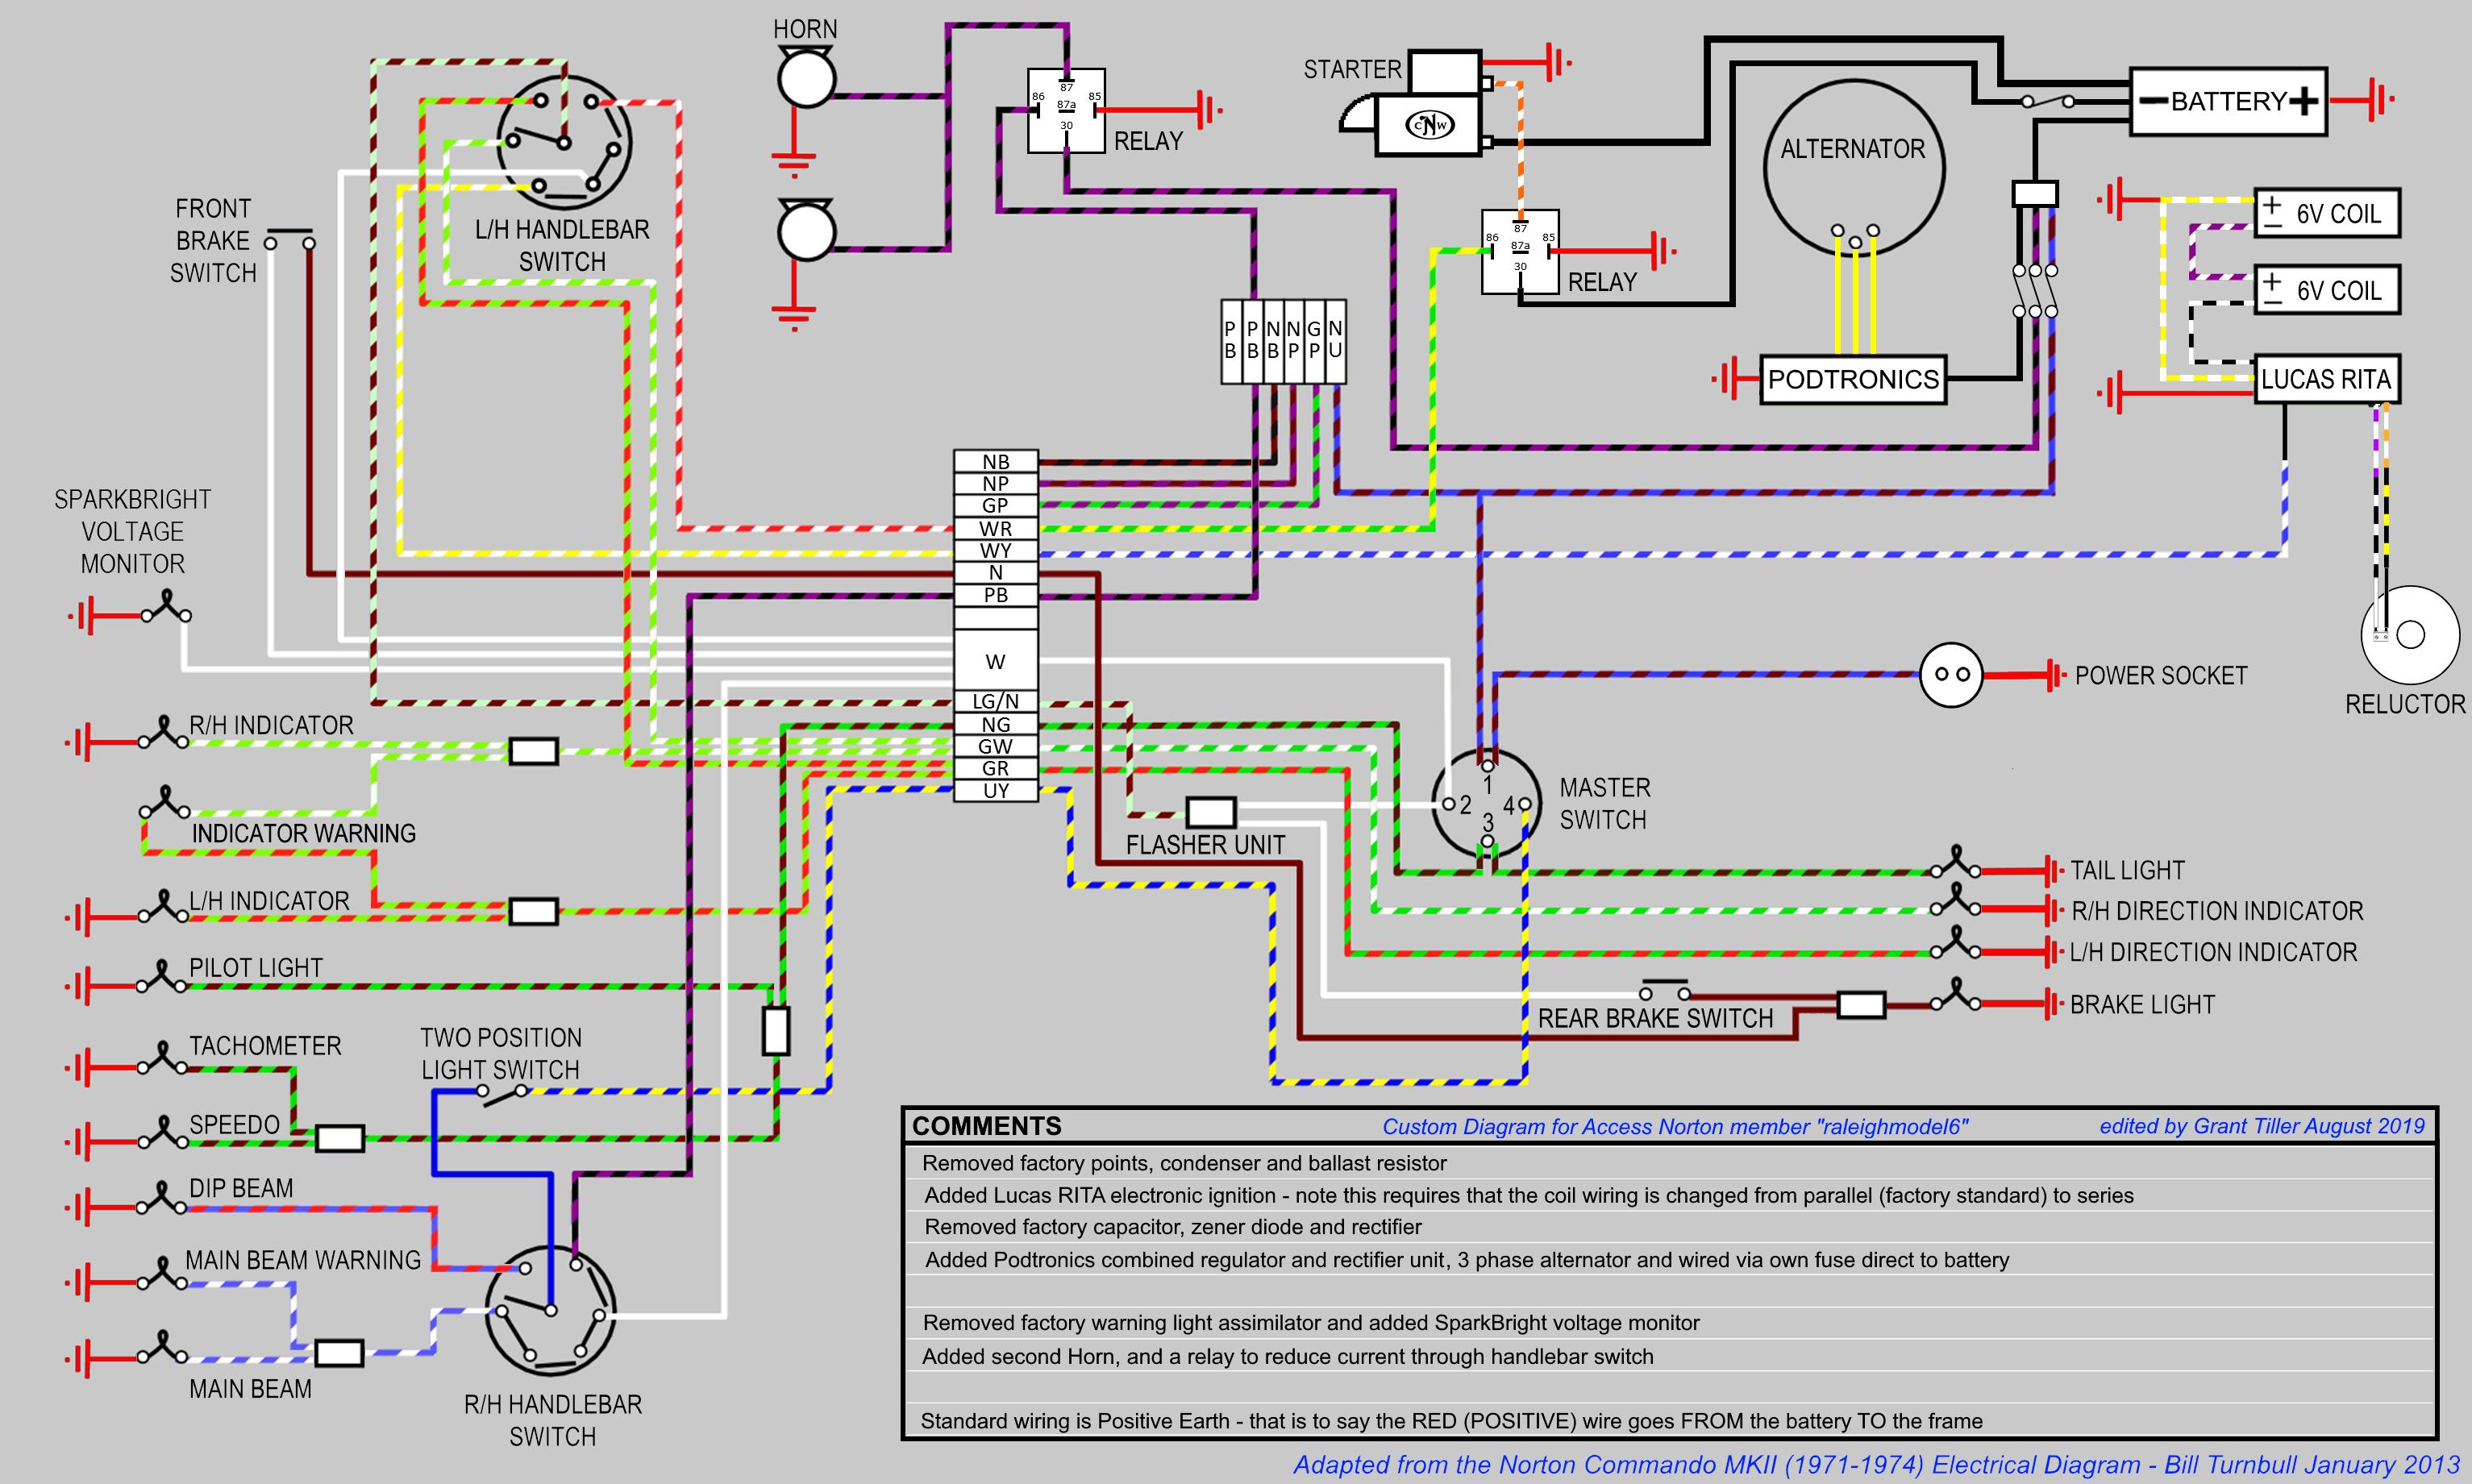 DIAGRAM] 850 Norton Wiring Diagram 1975 FULL Version HD Quality Diagram  1975 - SUPERIORWIRING.CAVACULTURA.IT  cavacultura.it